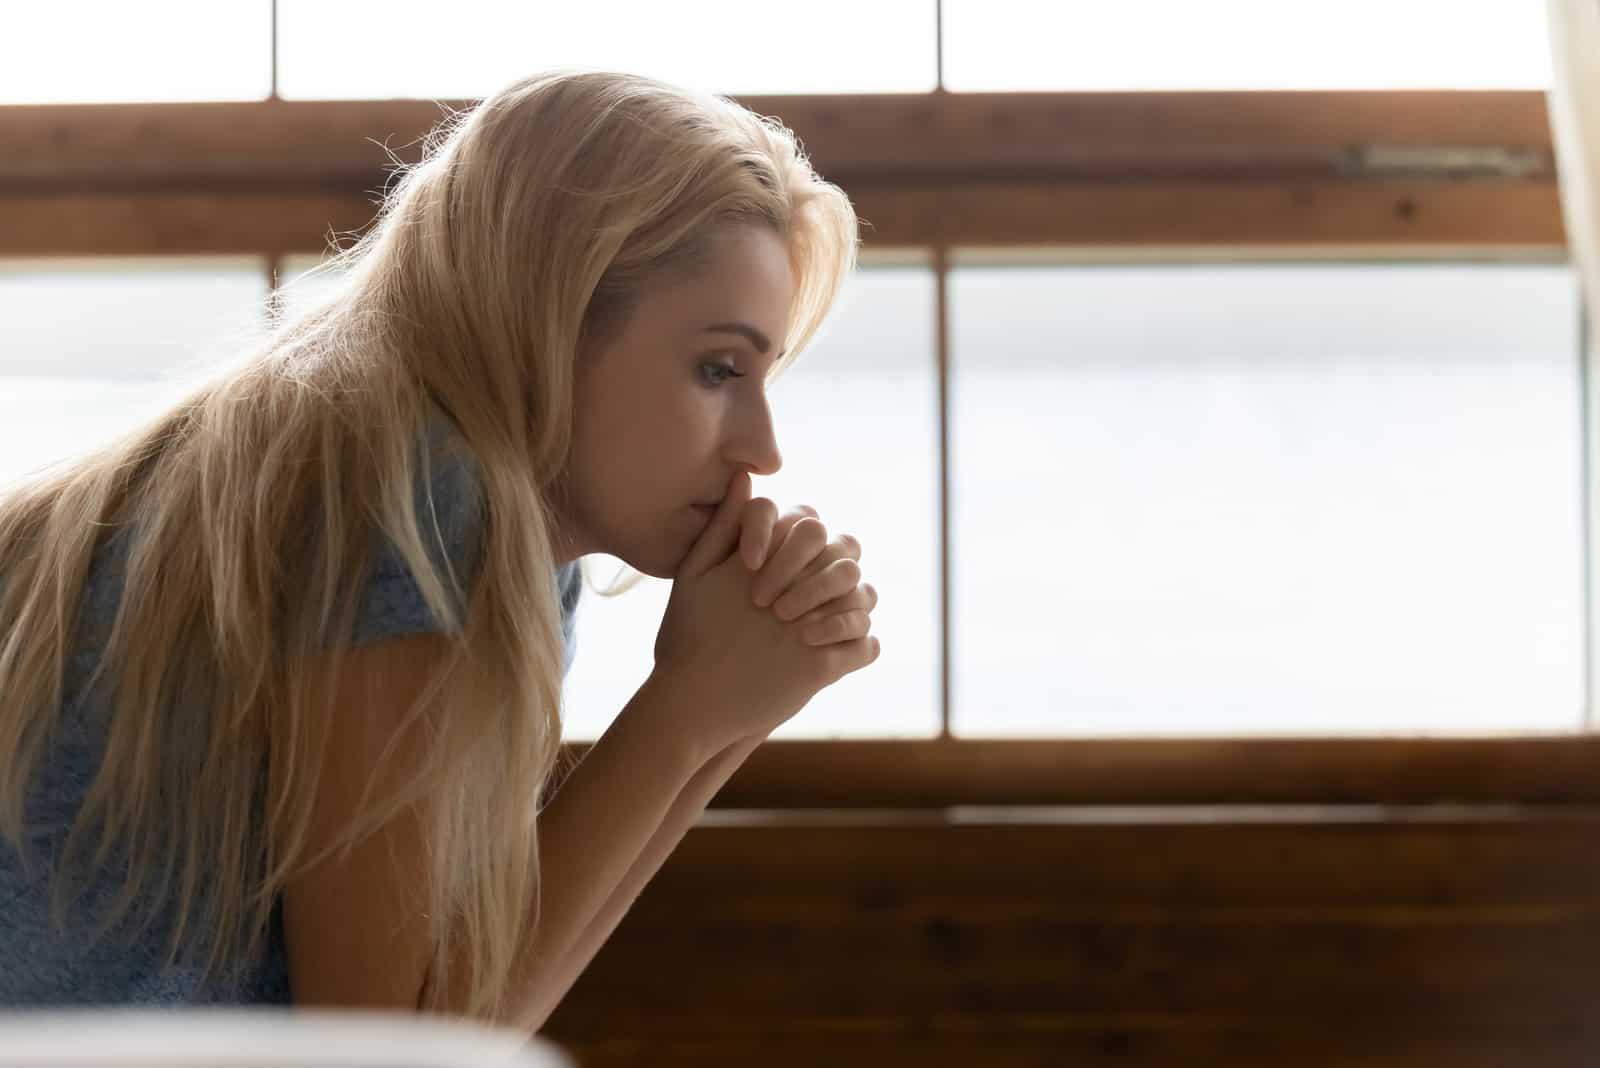 nachdenkliche nachdenkliche traurige junge Frau, die drinnen sitzt